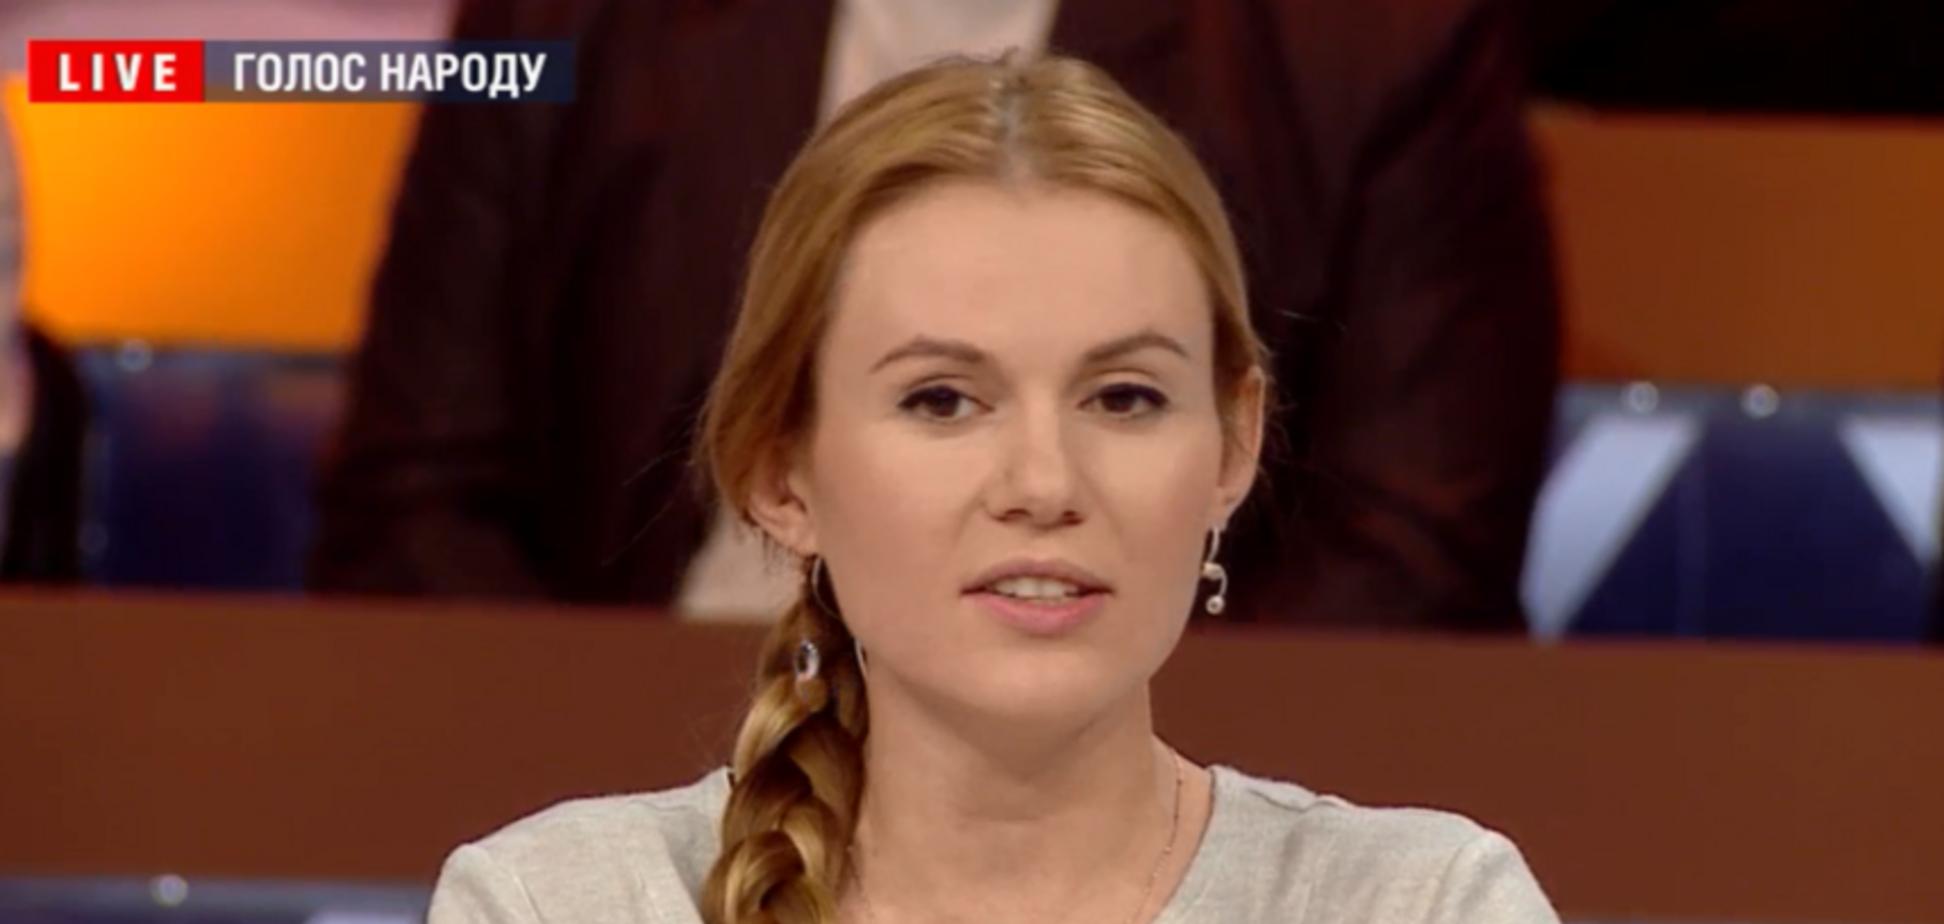 Расплакавшаяся в Раде нардеп от 'Слуги народа' нарушила запрет фракции. Видео